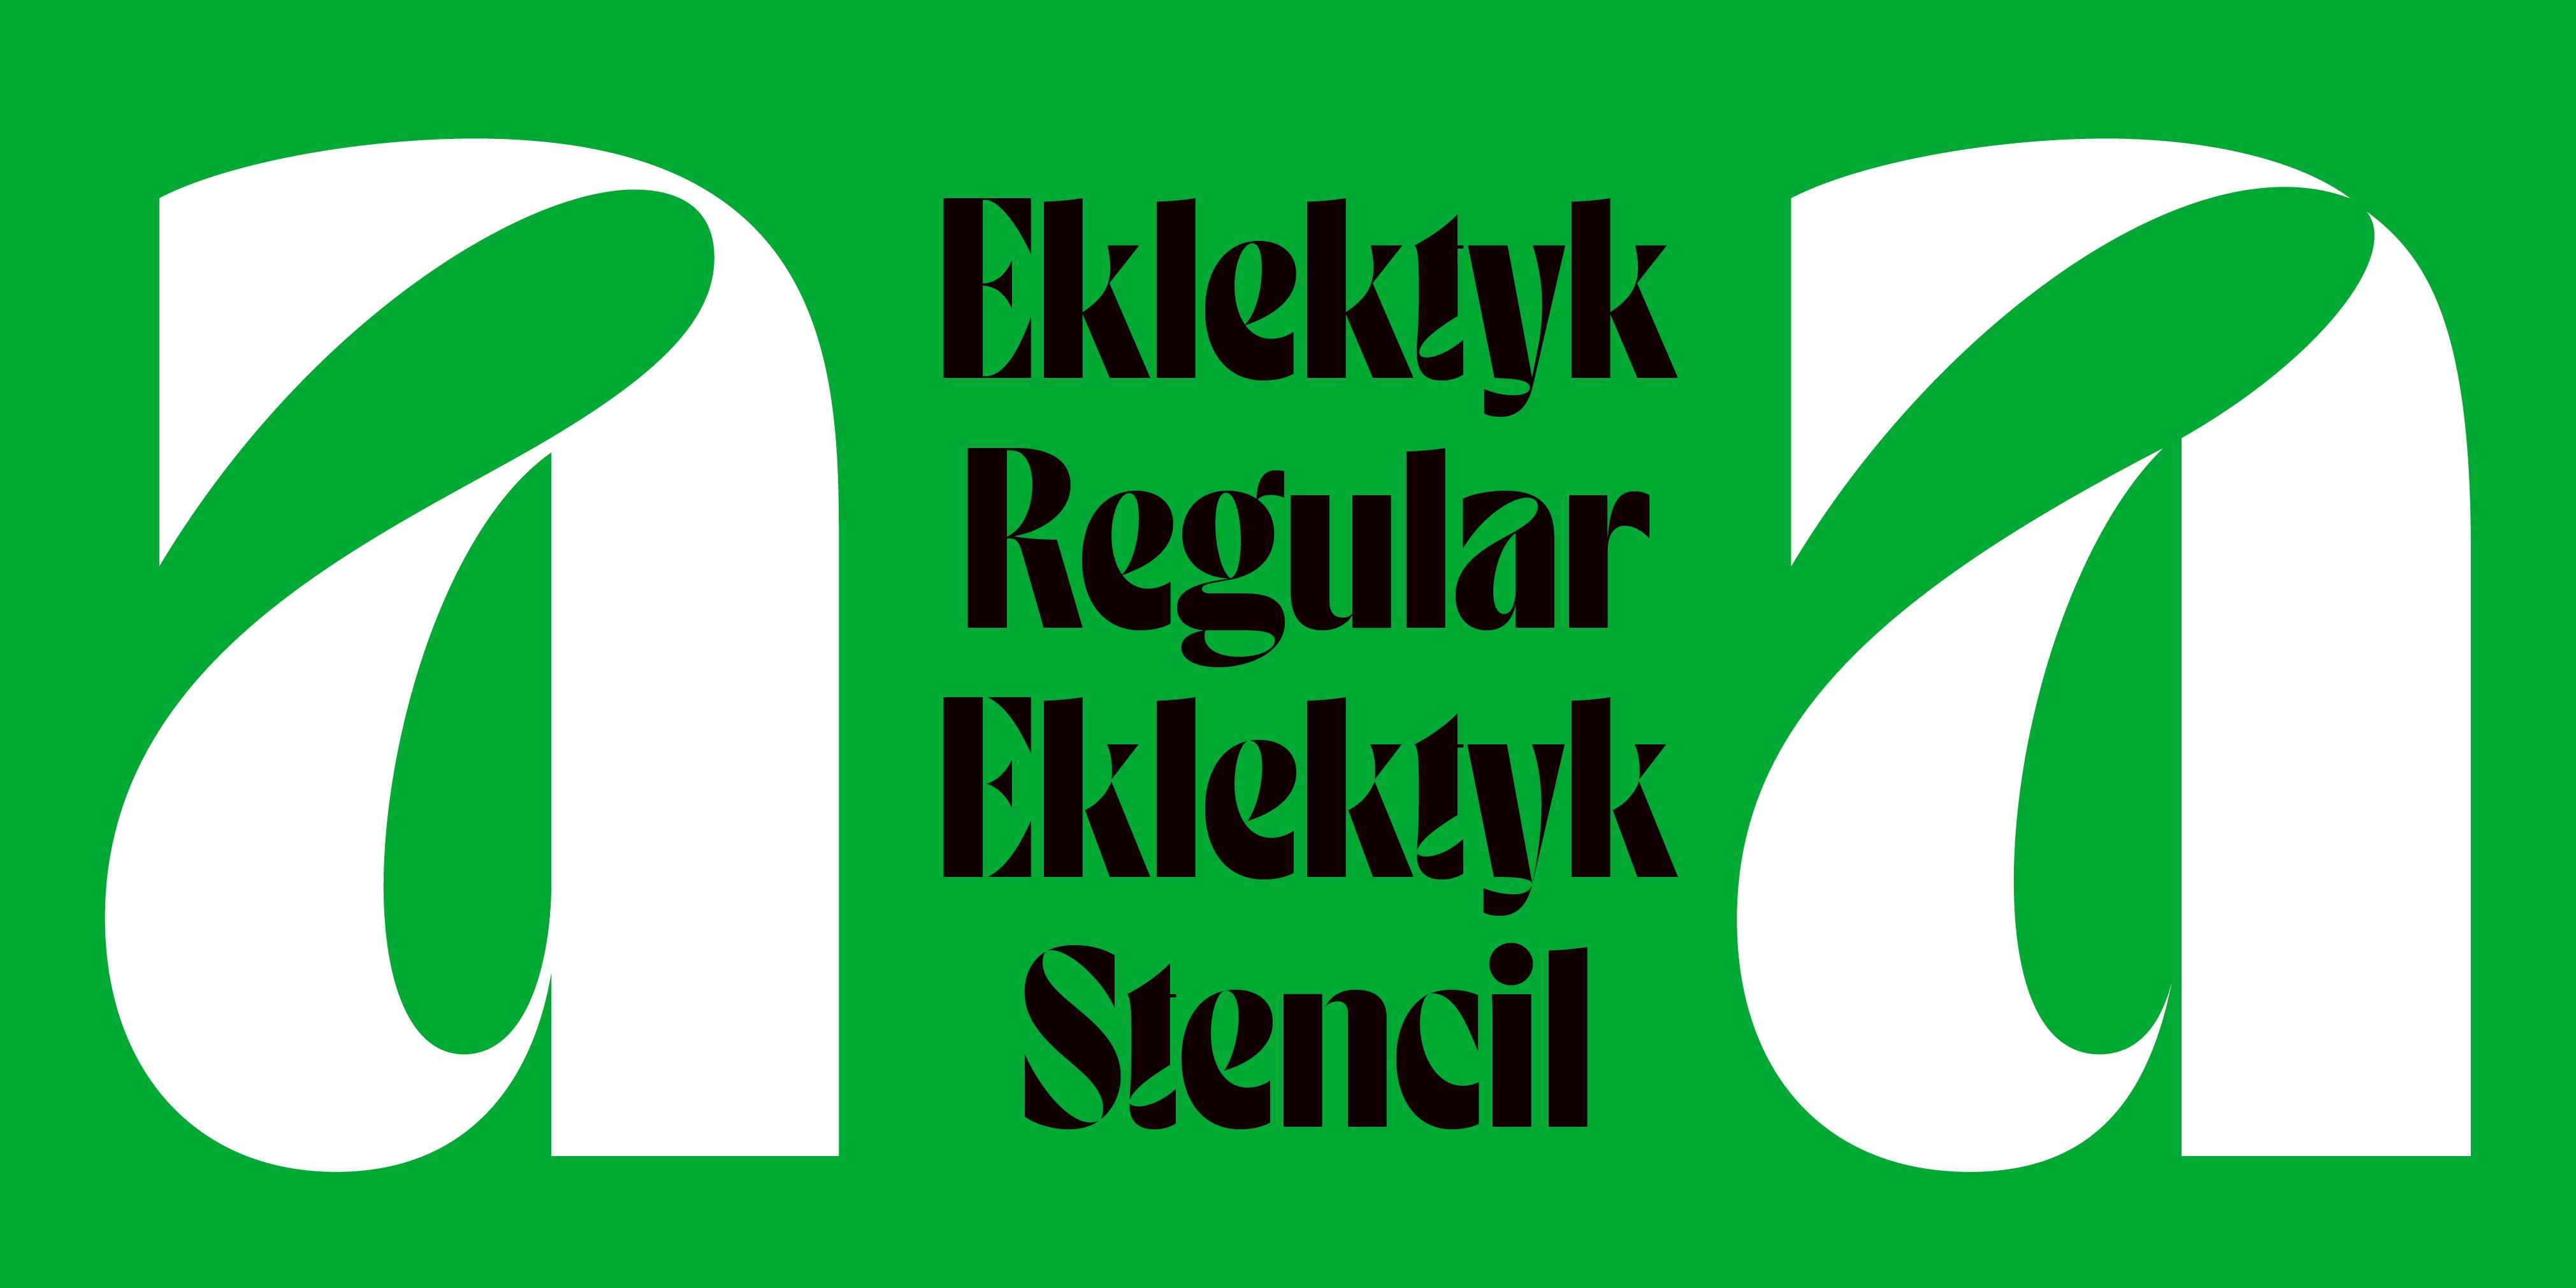 Eklektyk by Laïc: Type Foundry